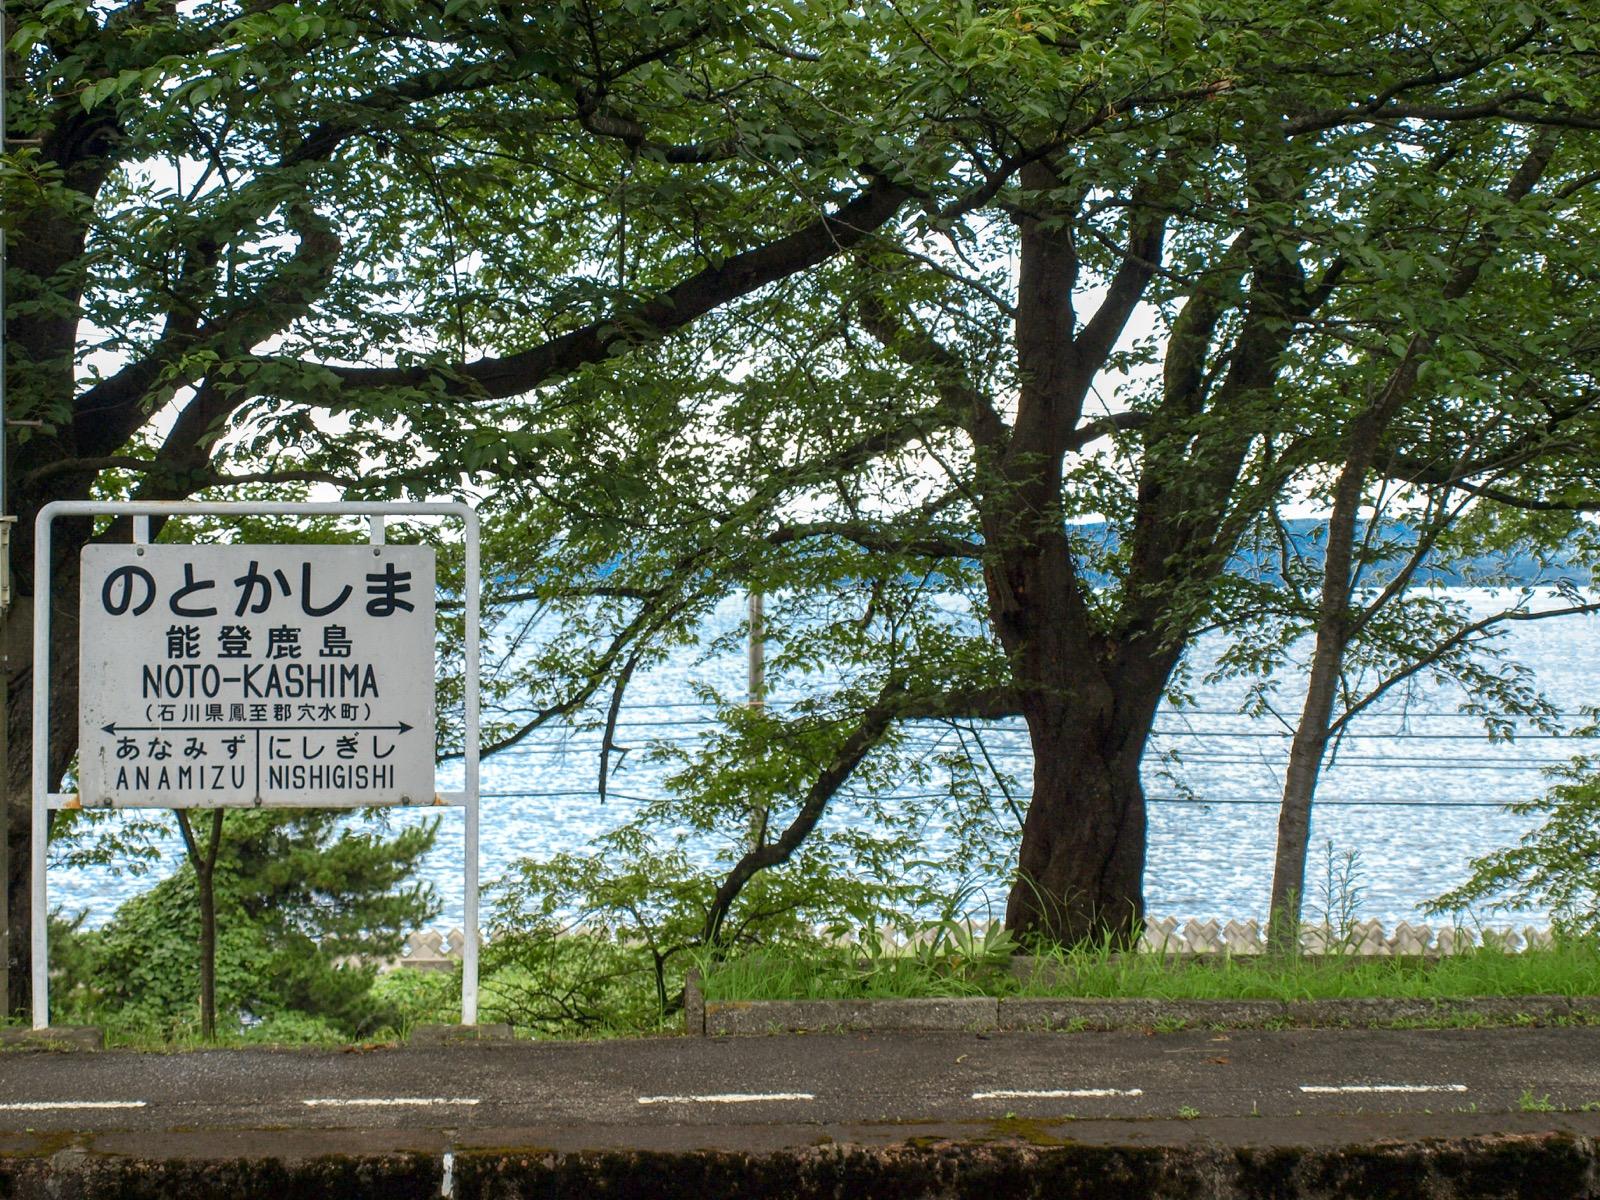 夏の夏の能登鹿島駅(能登さくら駅)のホームと七尾湾